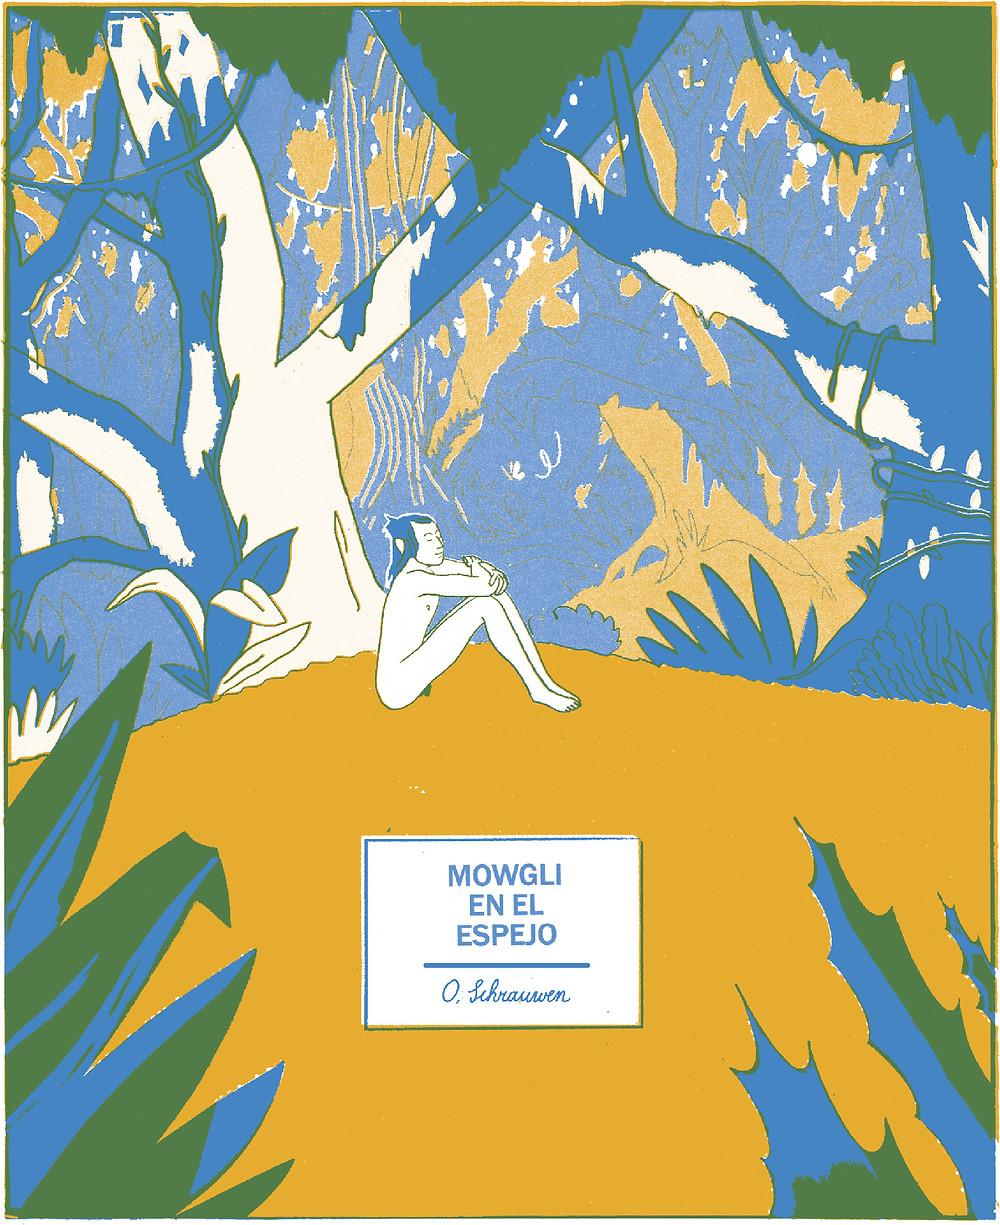 Mowgli en el espejo (Fulgencio Pimentel, 2014)